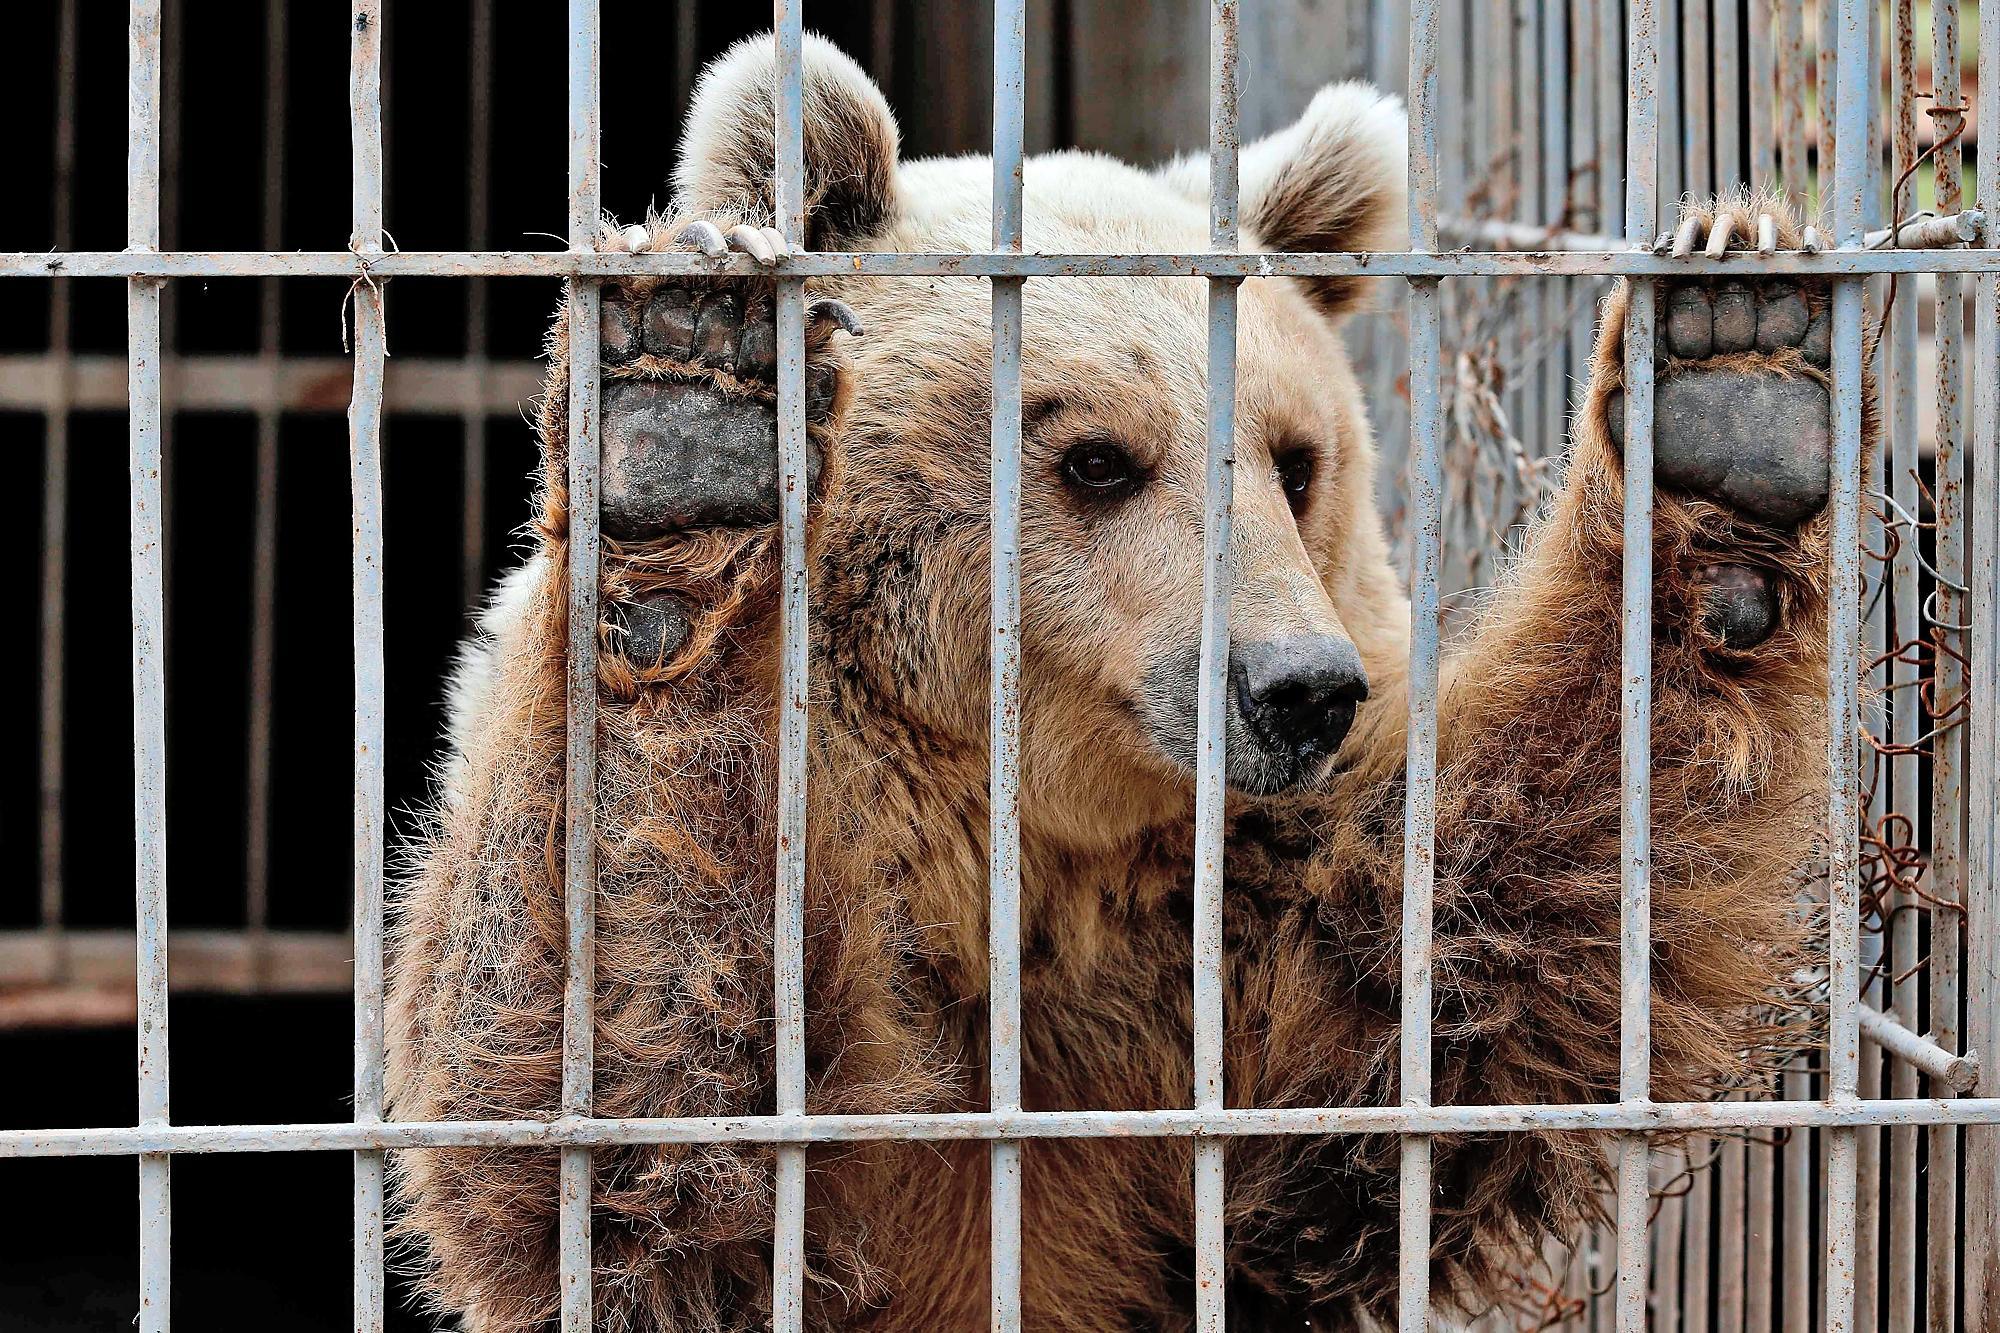 'Sở thú trong mơ' hay ngôi nhà thiên nhiên thực sự cho động vật hoang dã